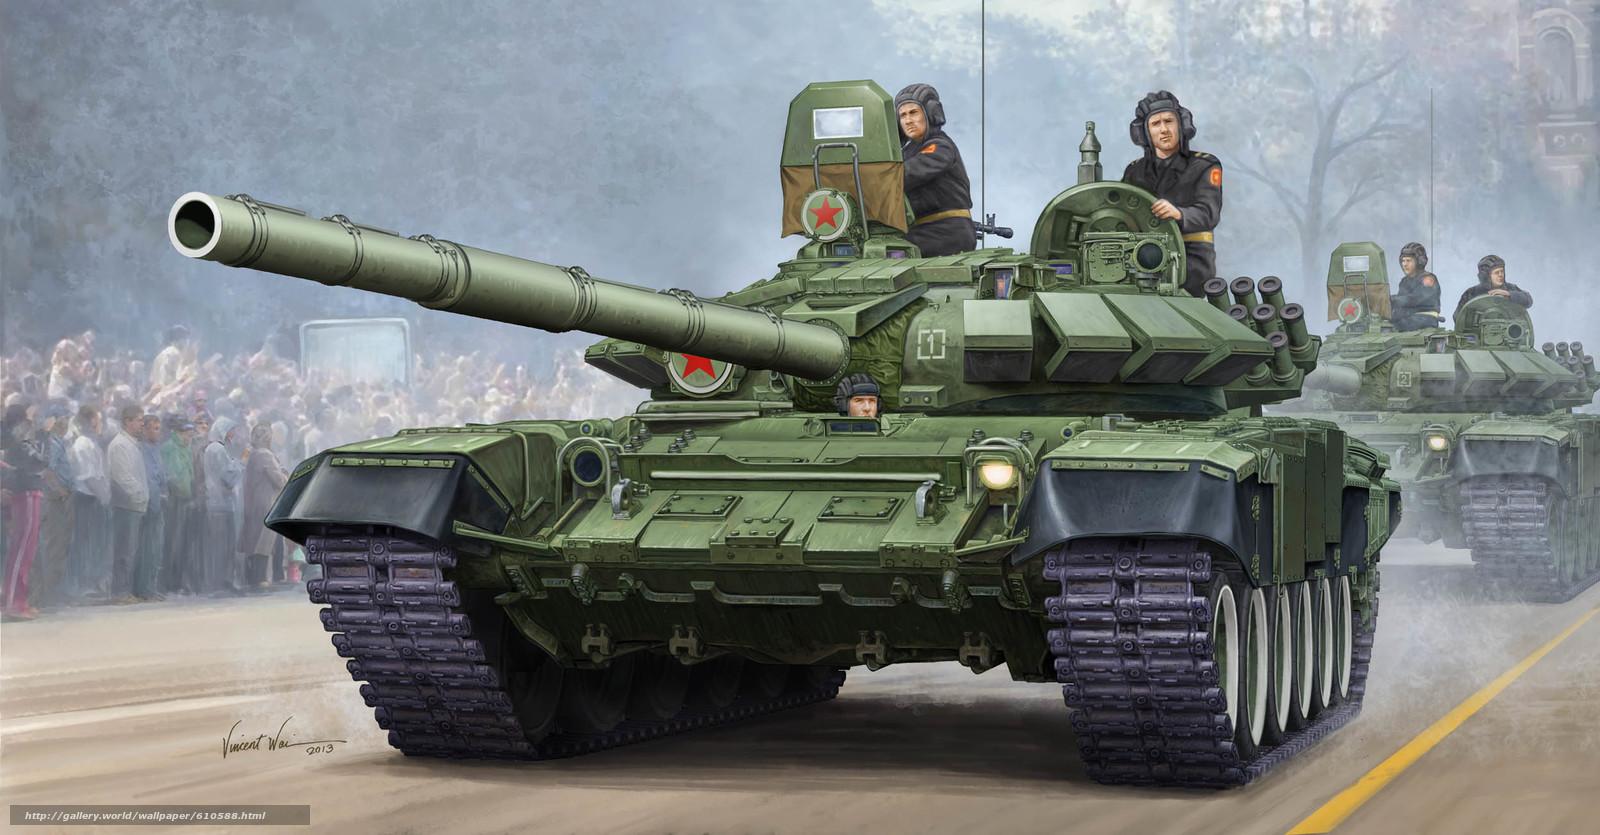 Скачать обои Т-72Б,  ОБТ,  модернизированный вариант Т-72А,  вооружение 9К120 Свирь бесплатно для рабочего стола в разрешении 2500x1305 — картинка №610588